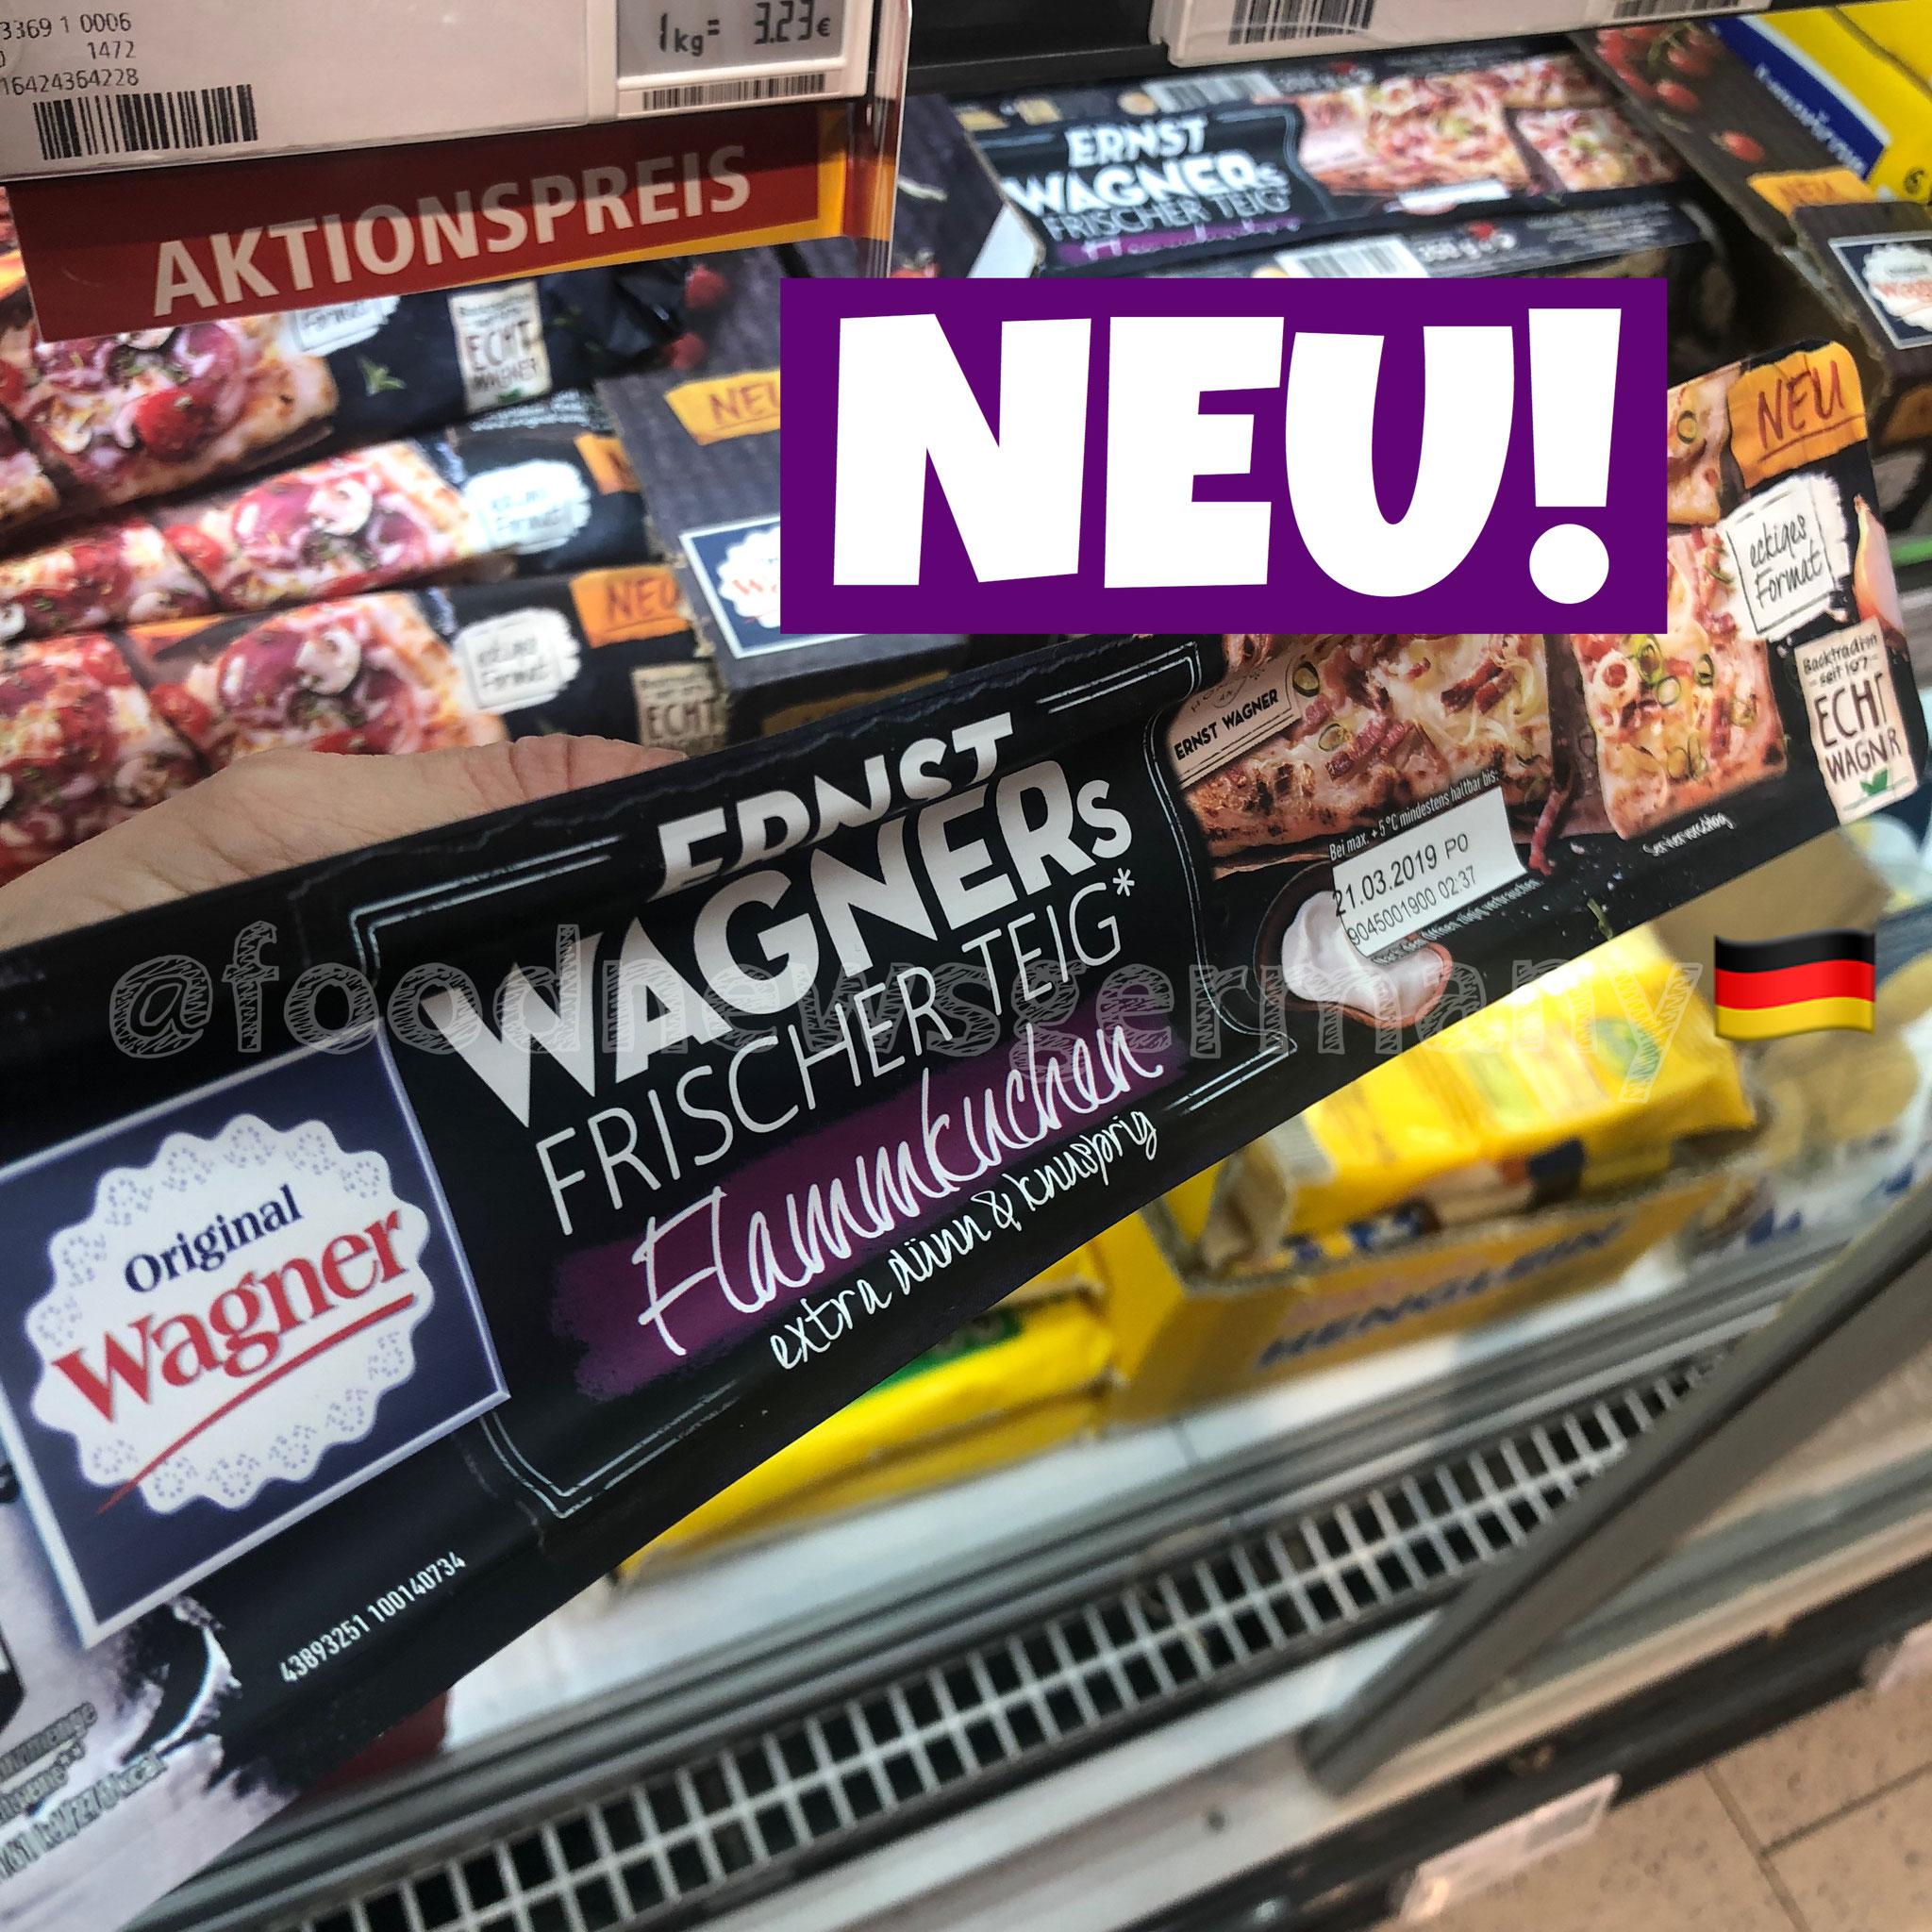 Ernst Wagners Frische Teig Flammkuchen